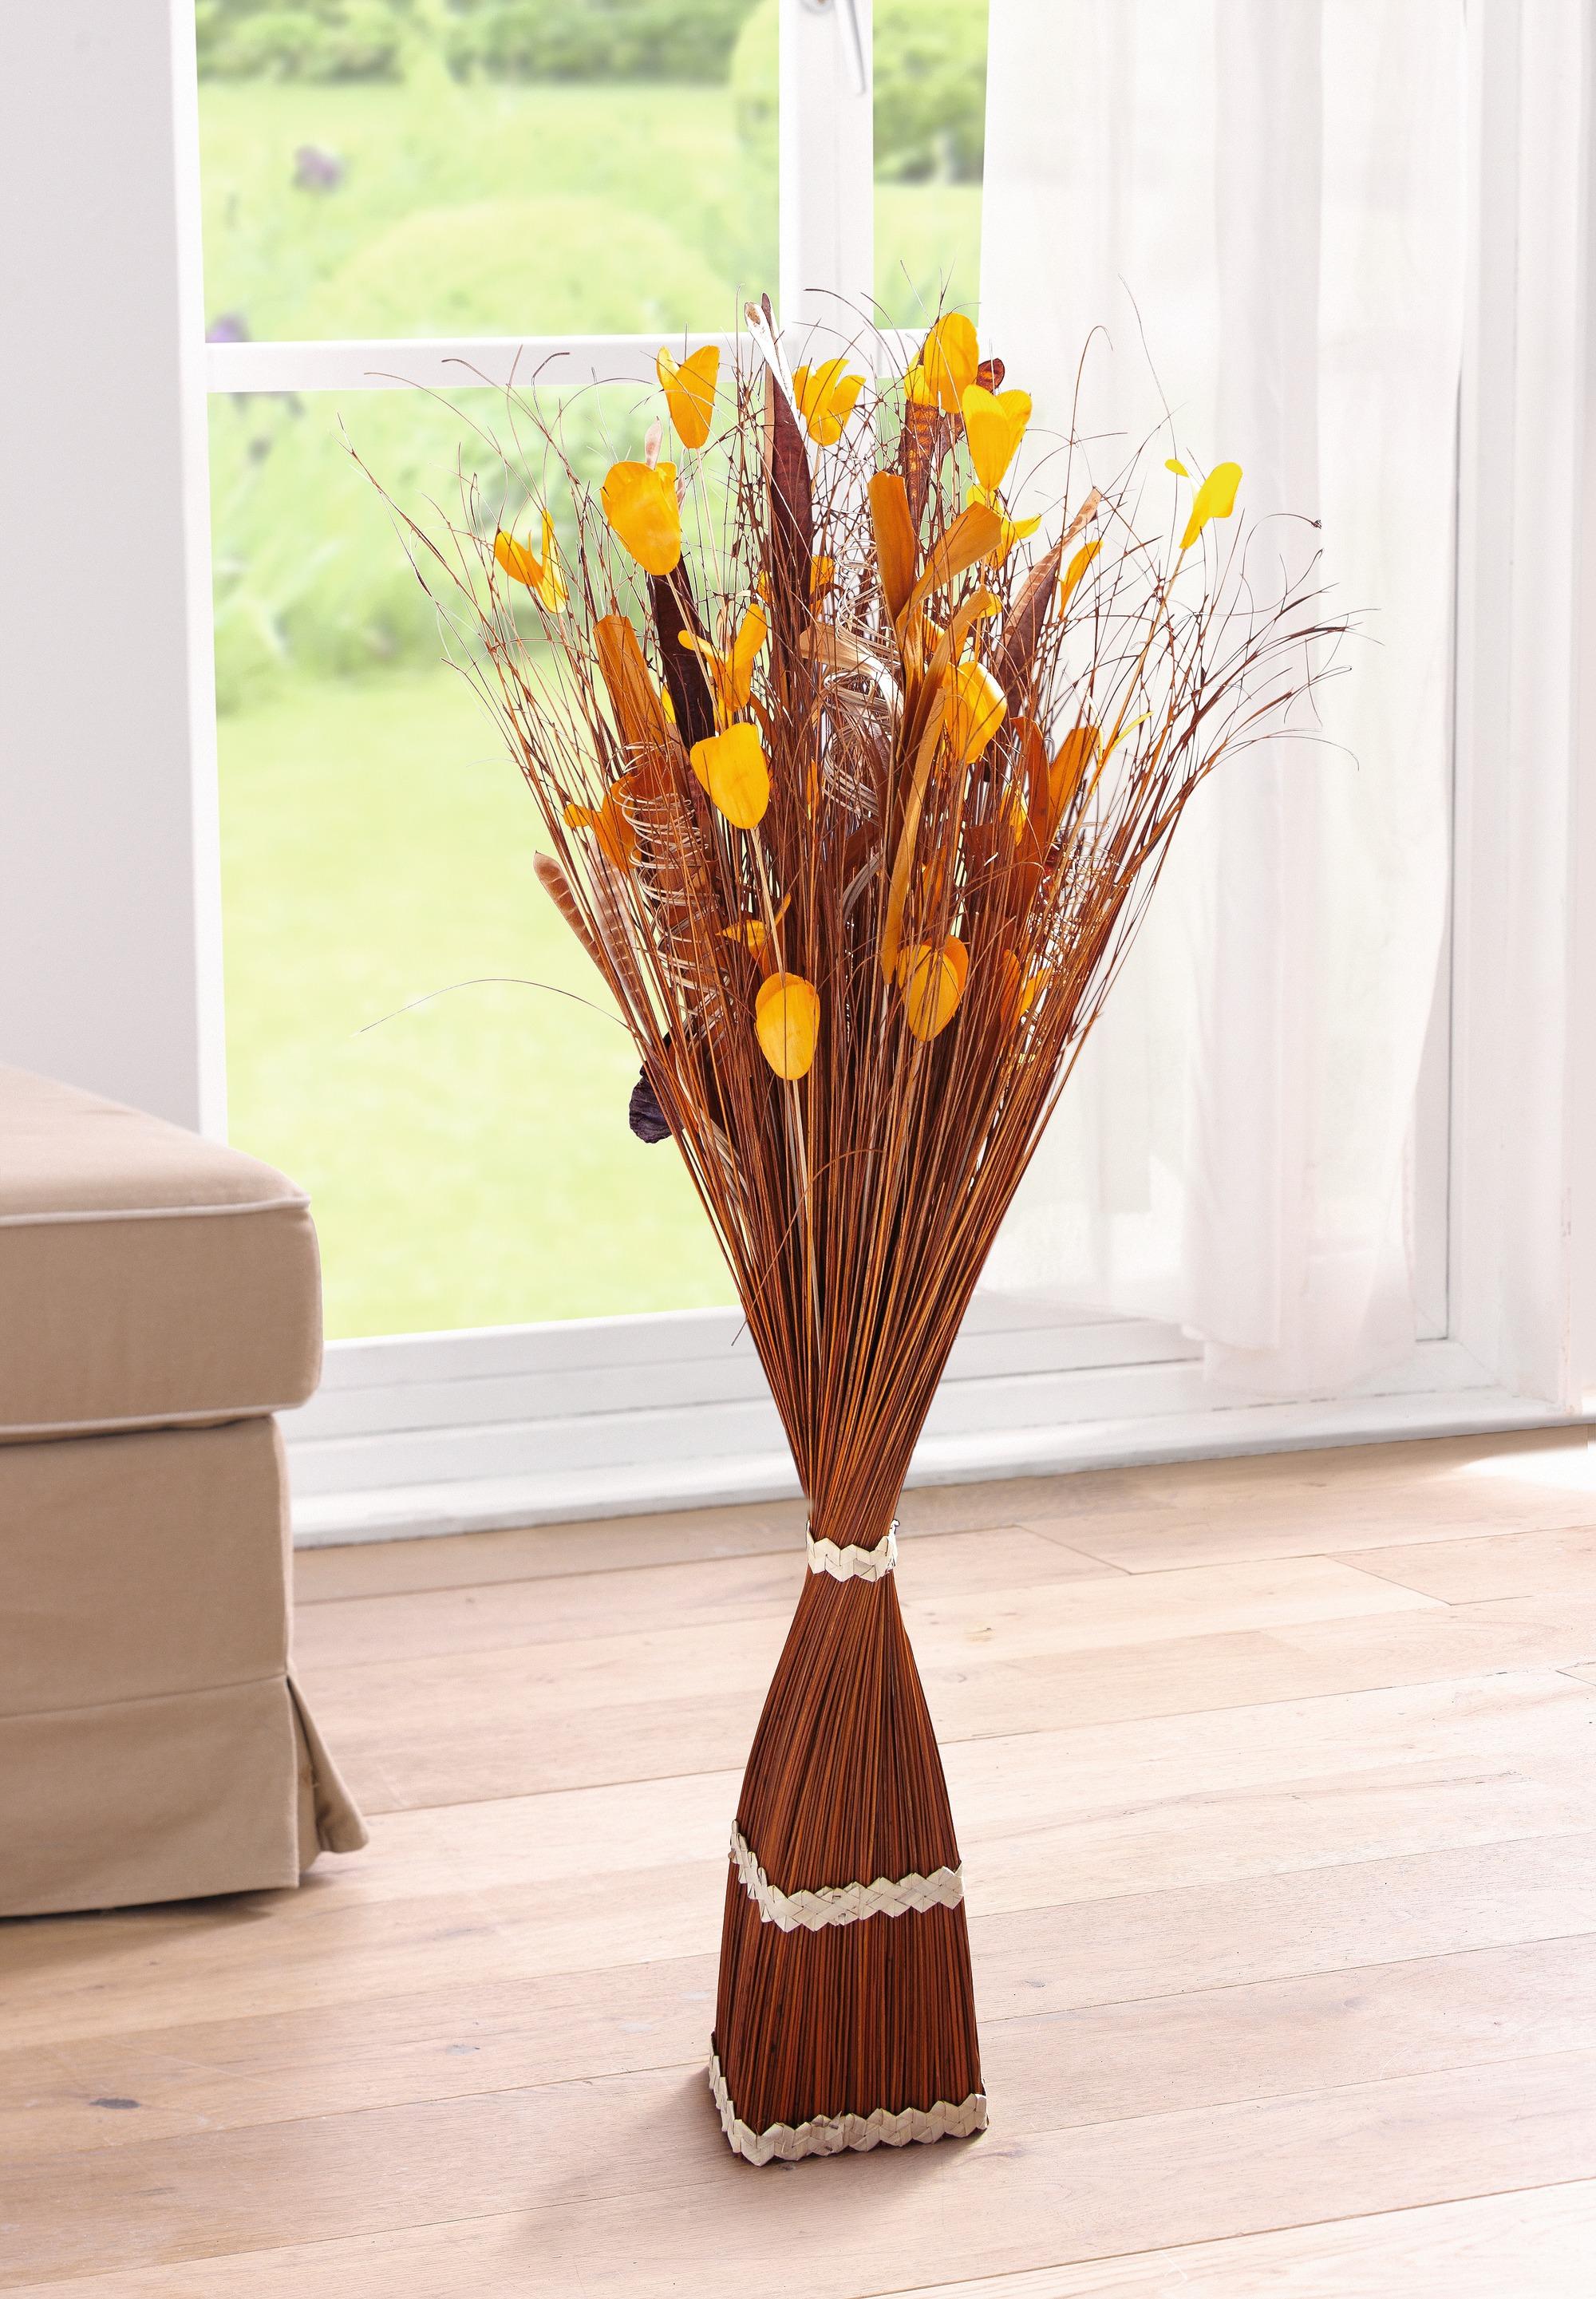 deko b ndel orange natur zweige raum holz objekt tisch kunstpflanze ebay. Black Bedroom Furniture Sets. Home Design Ideas